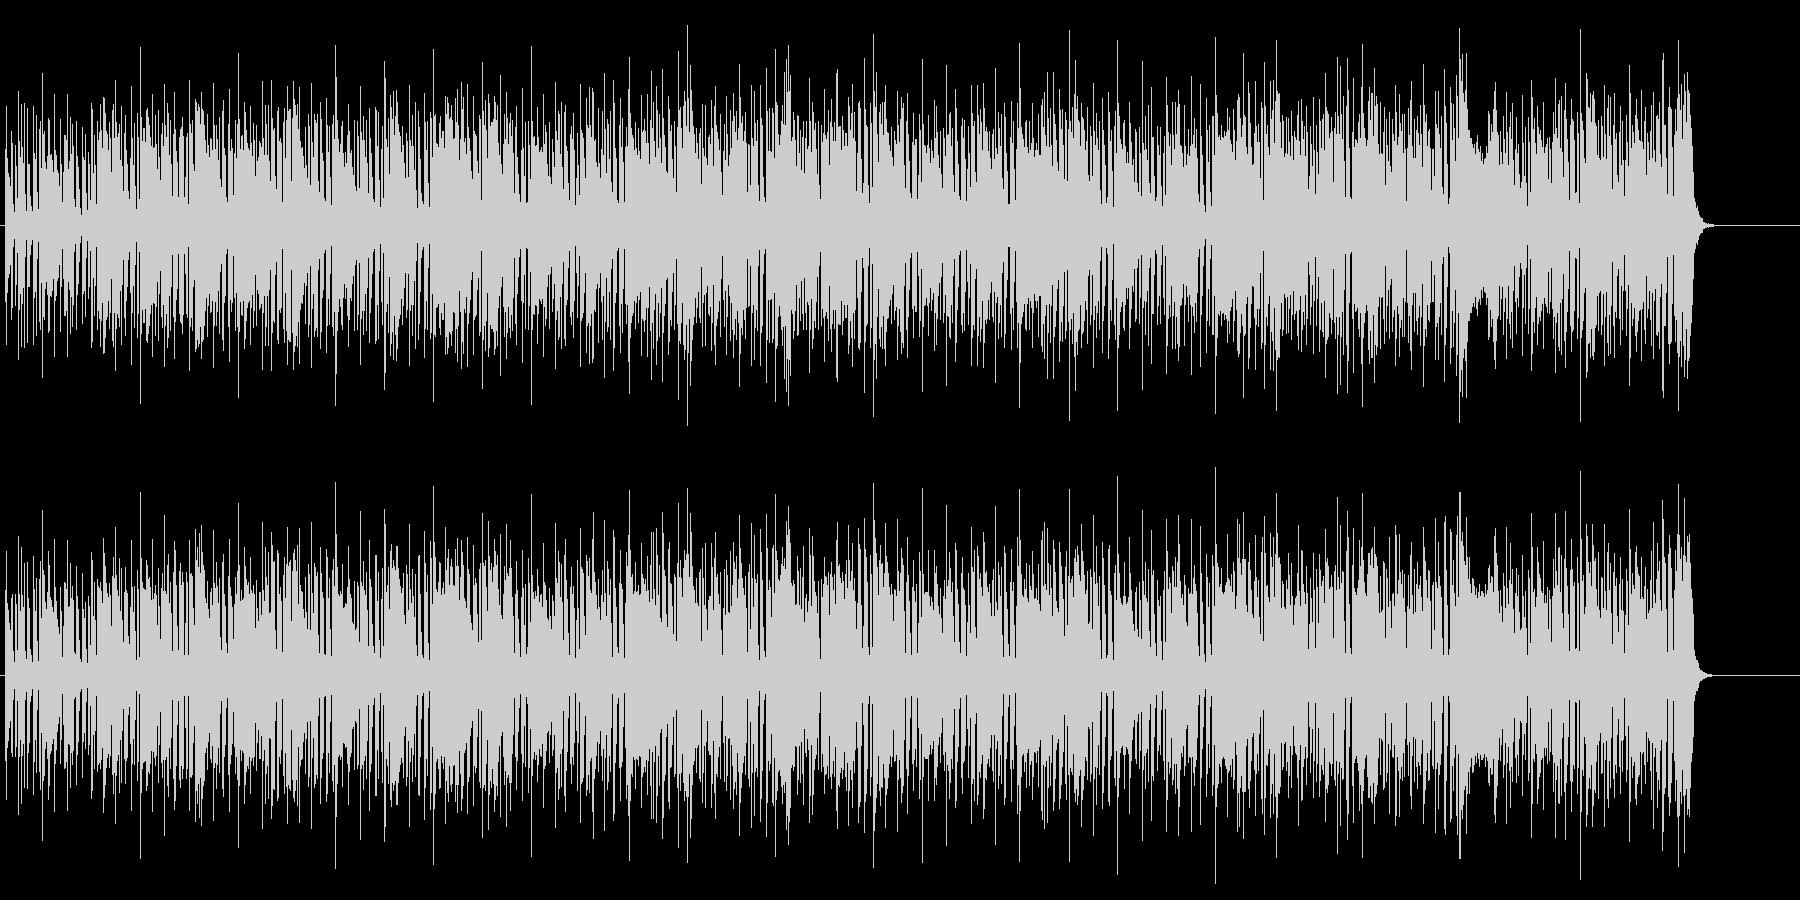 ファンキーな60's風ジャズ/ソウルの未再生の波形